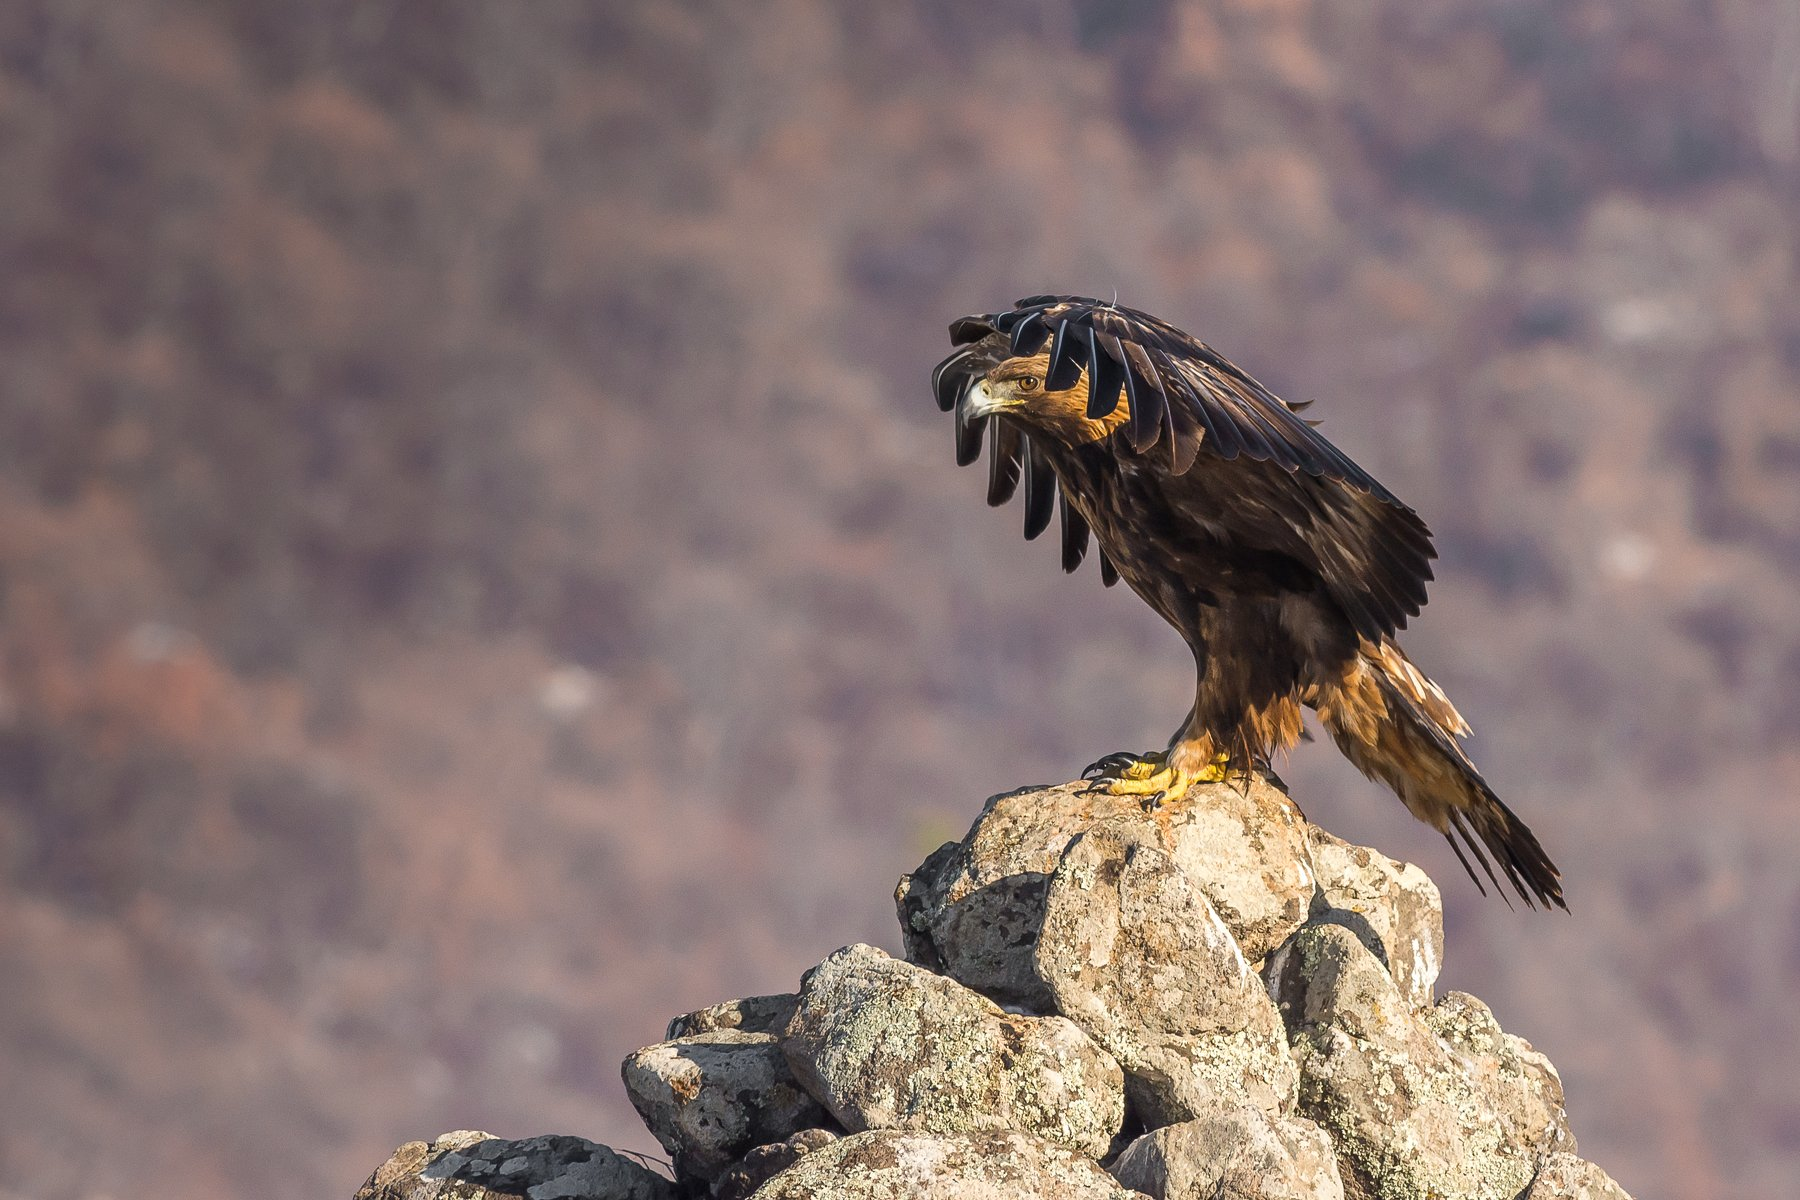 birds,winter,nature,lanscape,wildlife,fly,eaglemountain, Nikolay Nikolov